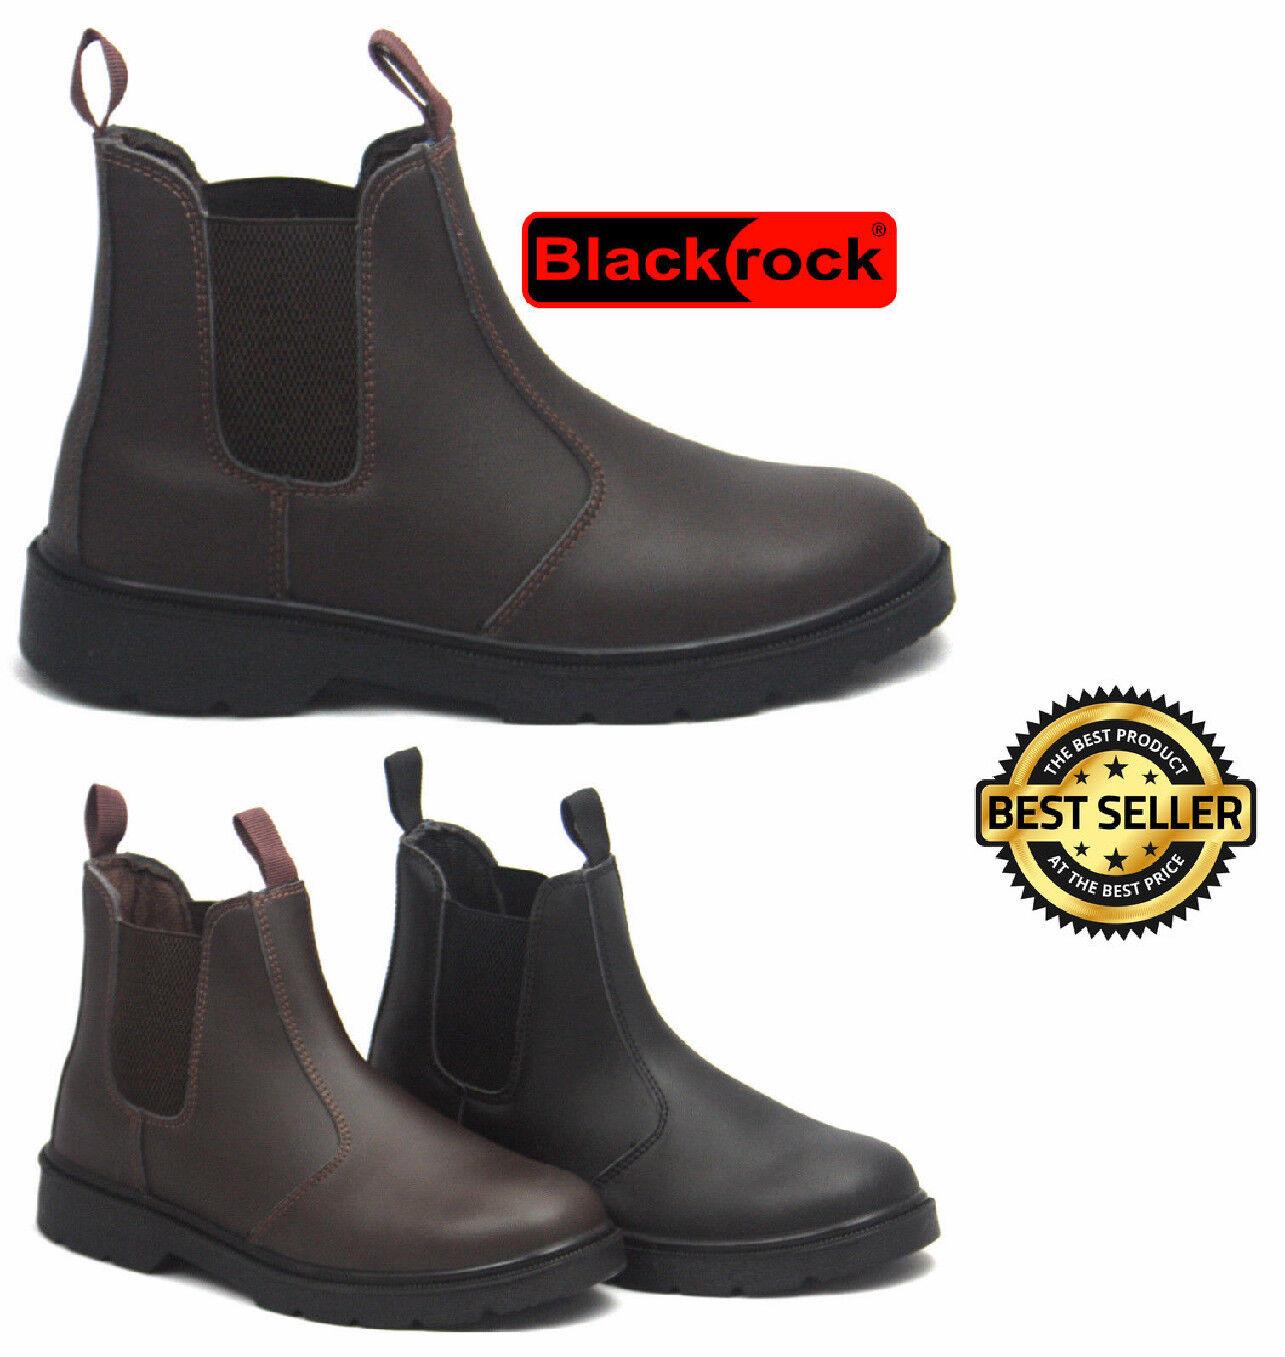 Descuento de la marca Blackrock Distribuidor de cuero Chelsea Sin Cordones Puntera Acero Botas Trabajo